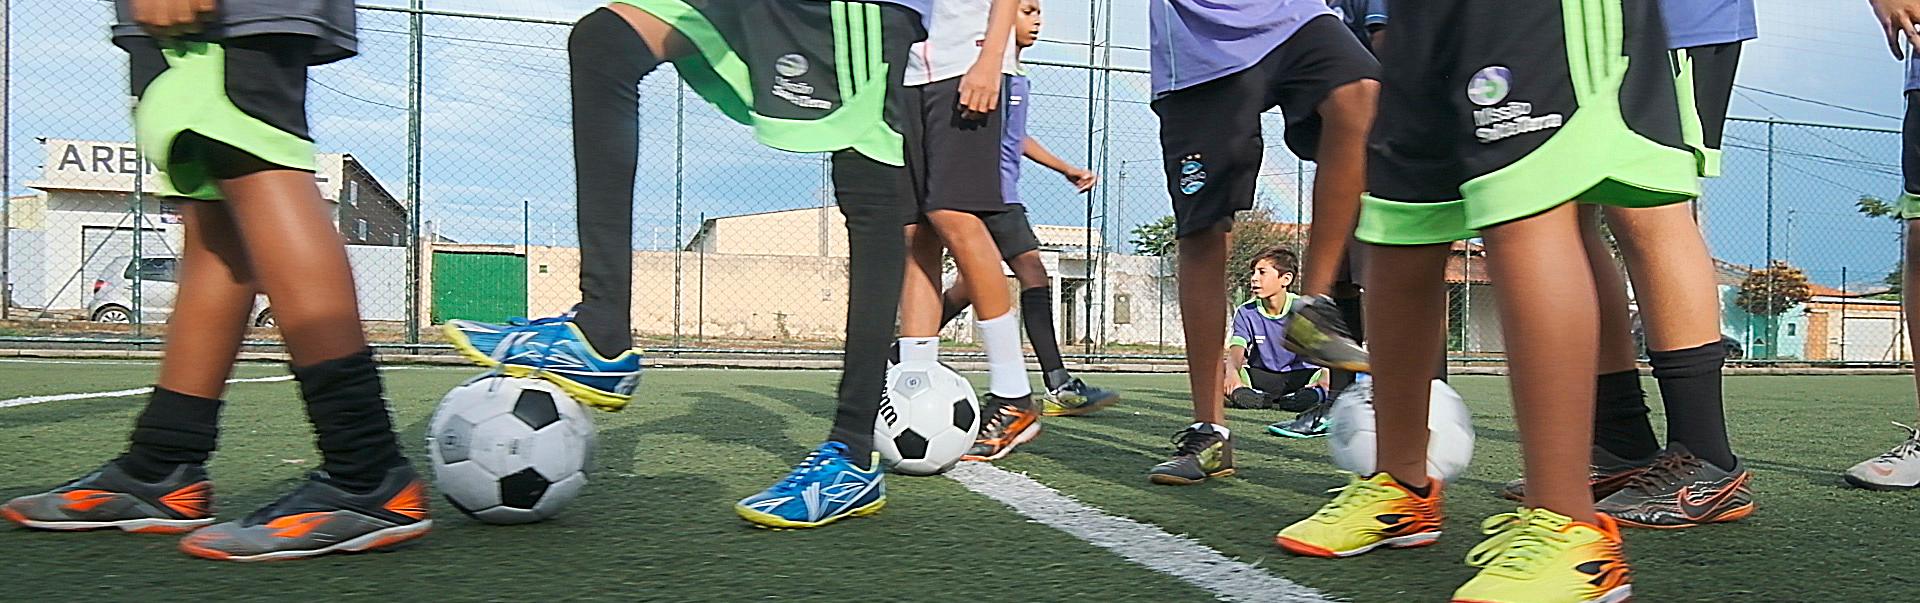 destaque-projeto-futebol